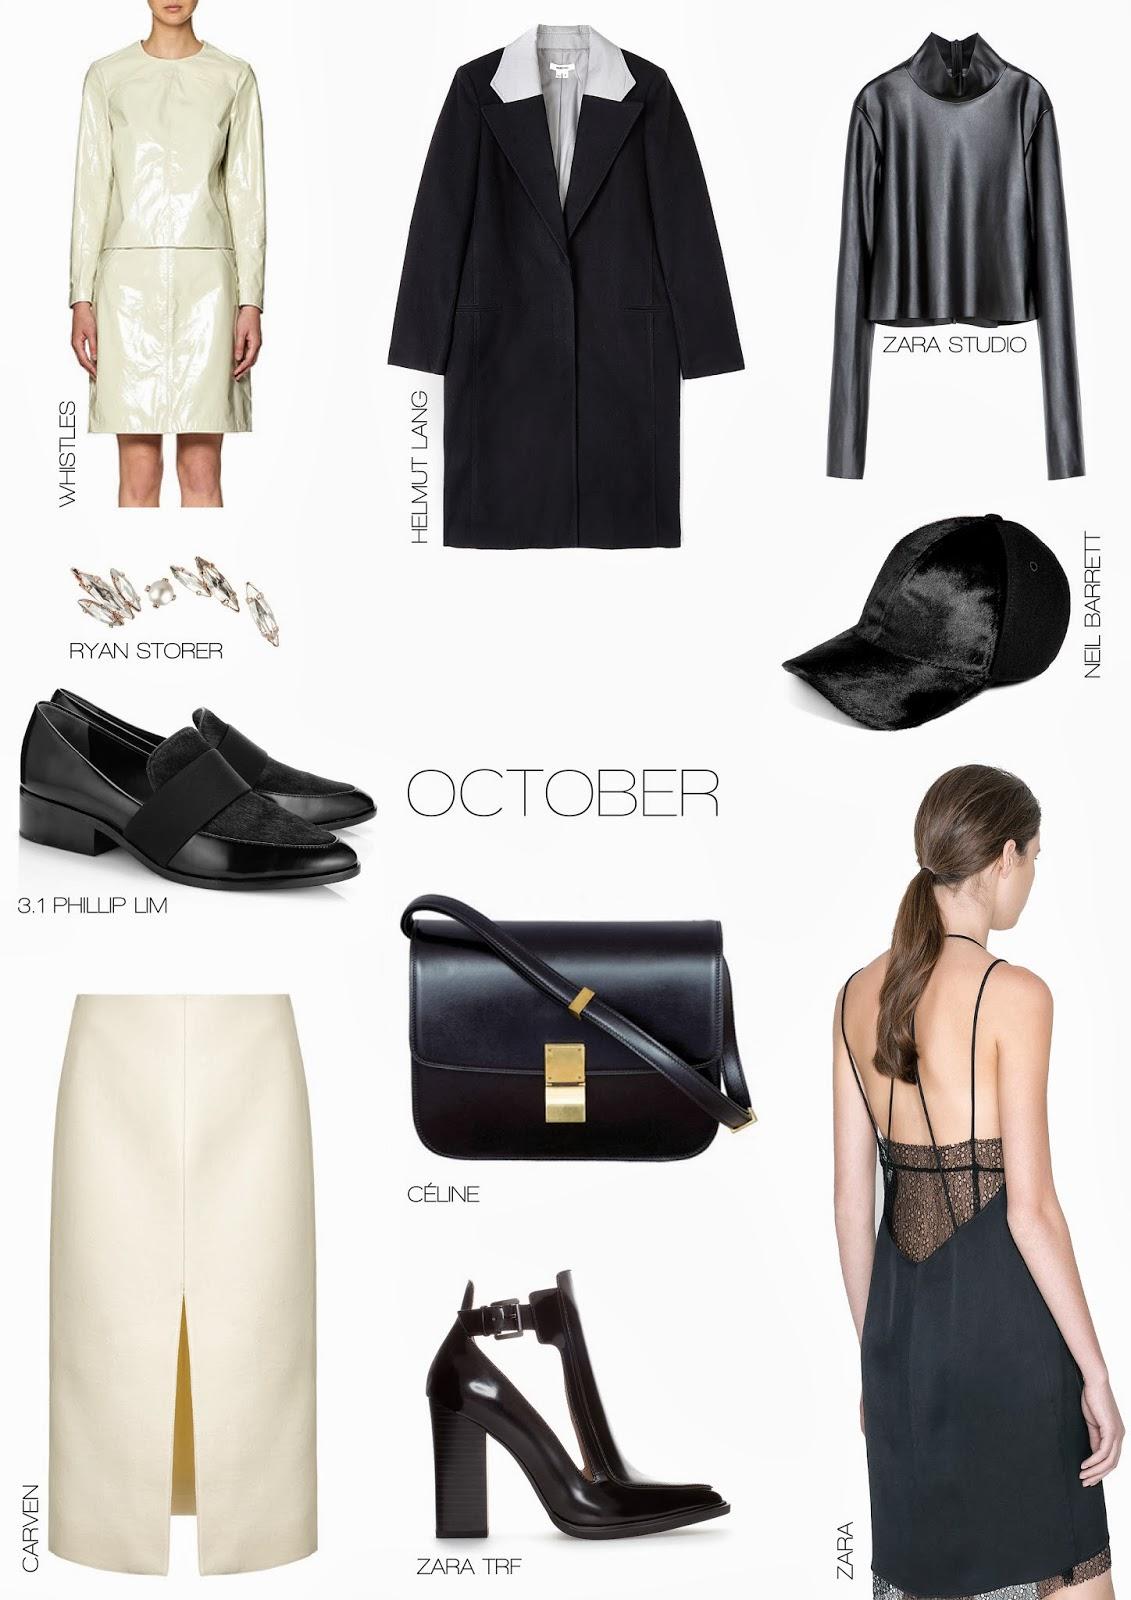 October Trend Report